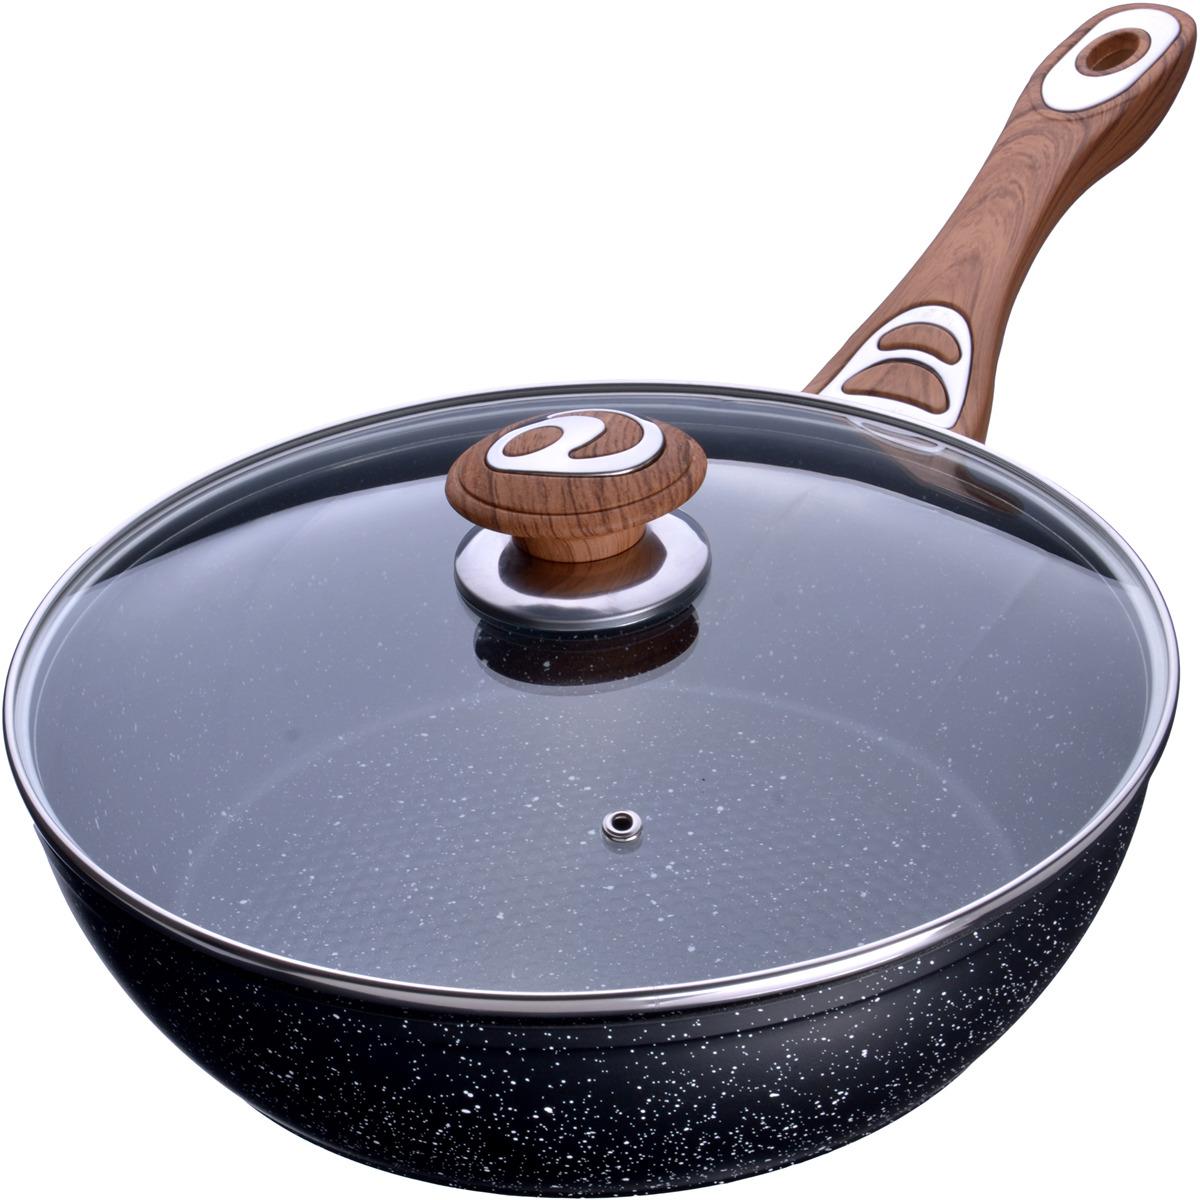 Сковорода-сотейник Mayer & Boch выполнена из качественного алюминия и снабжена антипригарным покрытием особой прочности. Покрытие антипригарное жаропрочное, защищает сковороду от царапин, является экологически чистым и полностью безопасным, без вредных соединений и примесей. За счет того, что пища не пригорает и не пристает к покрытию сковороды, ее легко и быстро мыть. Прочное индукционное дно сковороды устойчиво к повреждениям и деформации. Эргономичная ручка из бакелита не нагревается и не скользит, а крышка из прозрачного стекла позволит следить за процессом приготовления еды. Такая сковорода является незаменимой для жарки и тушения различных блюд. Подходит для использования на всех типах плит. Подходит для мытья в посудомоечной машине.